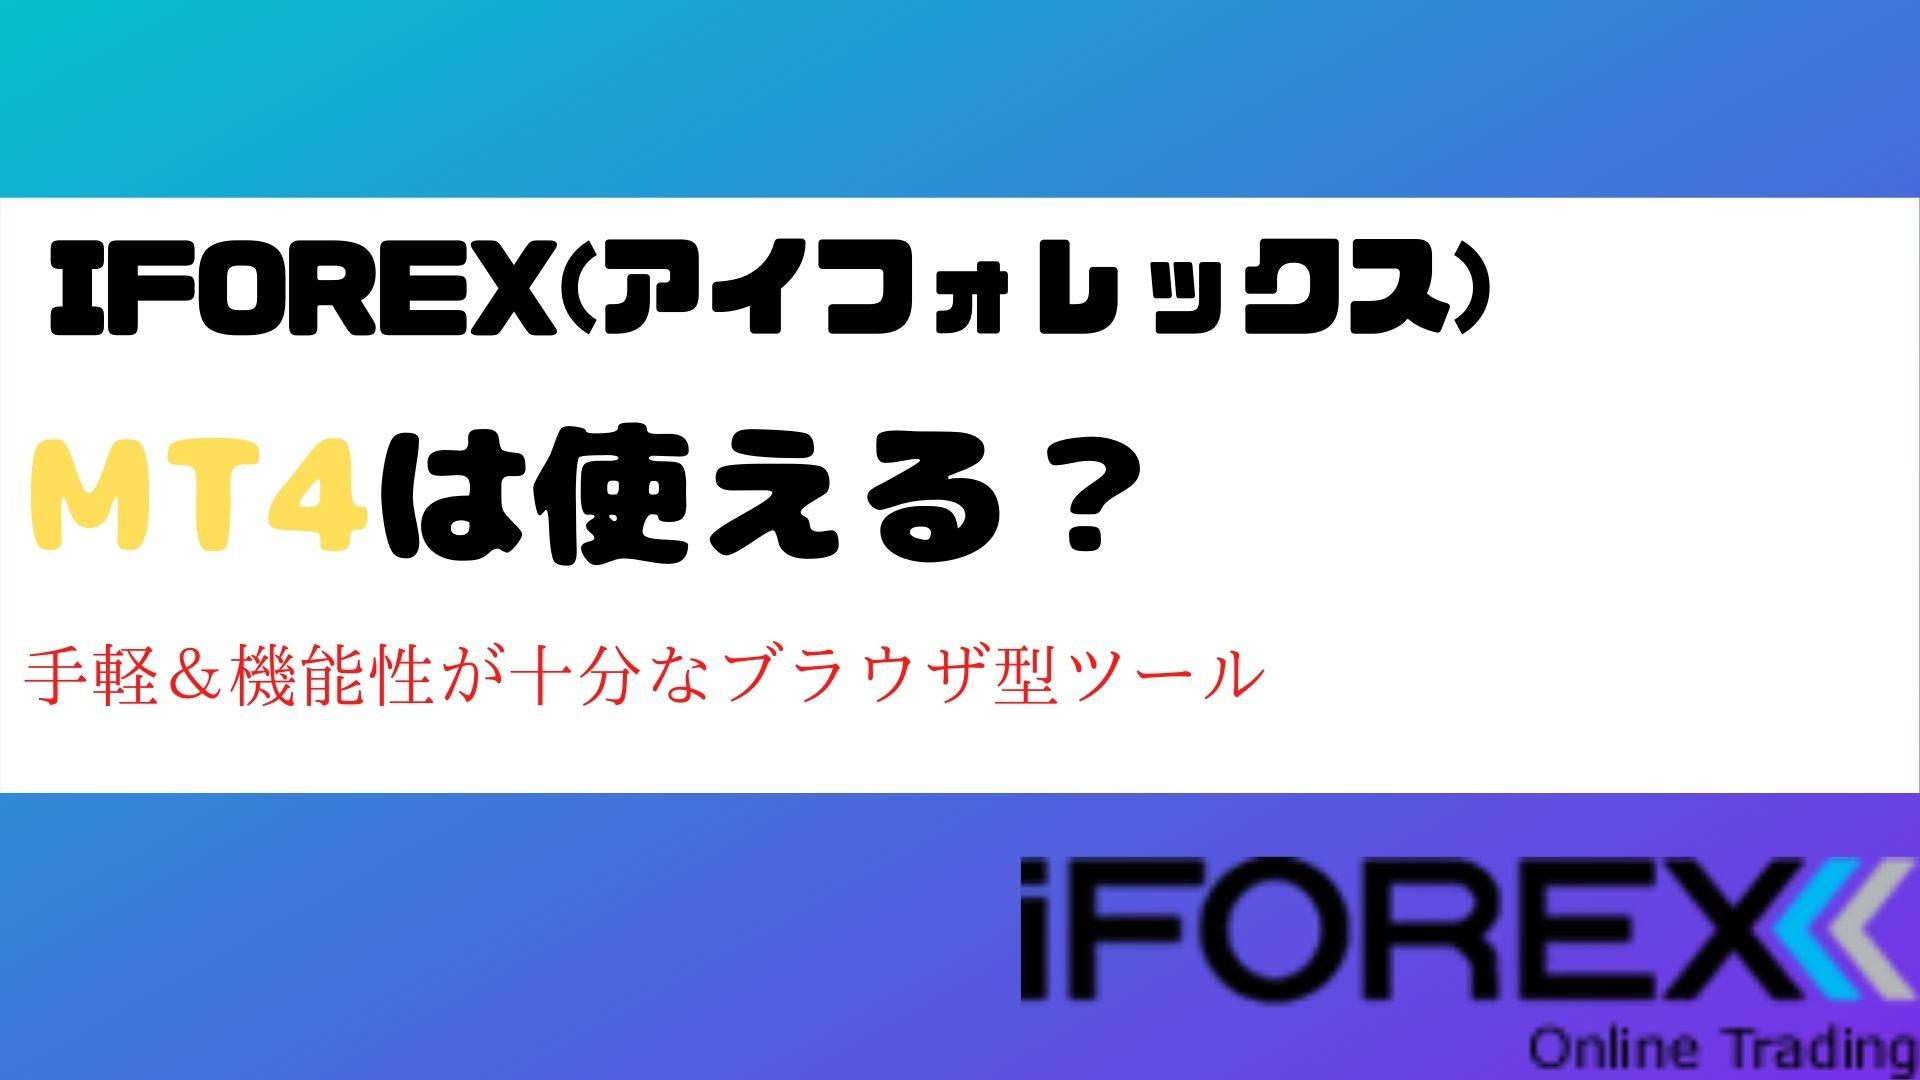 iforex-mt4-title